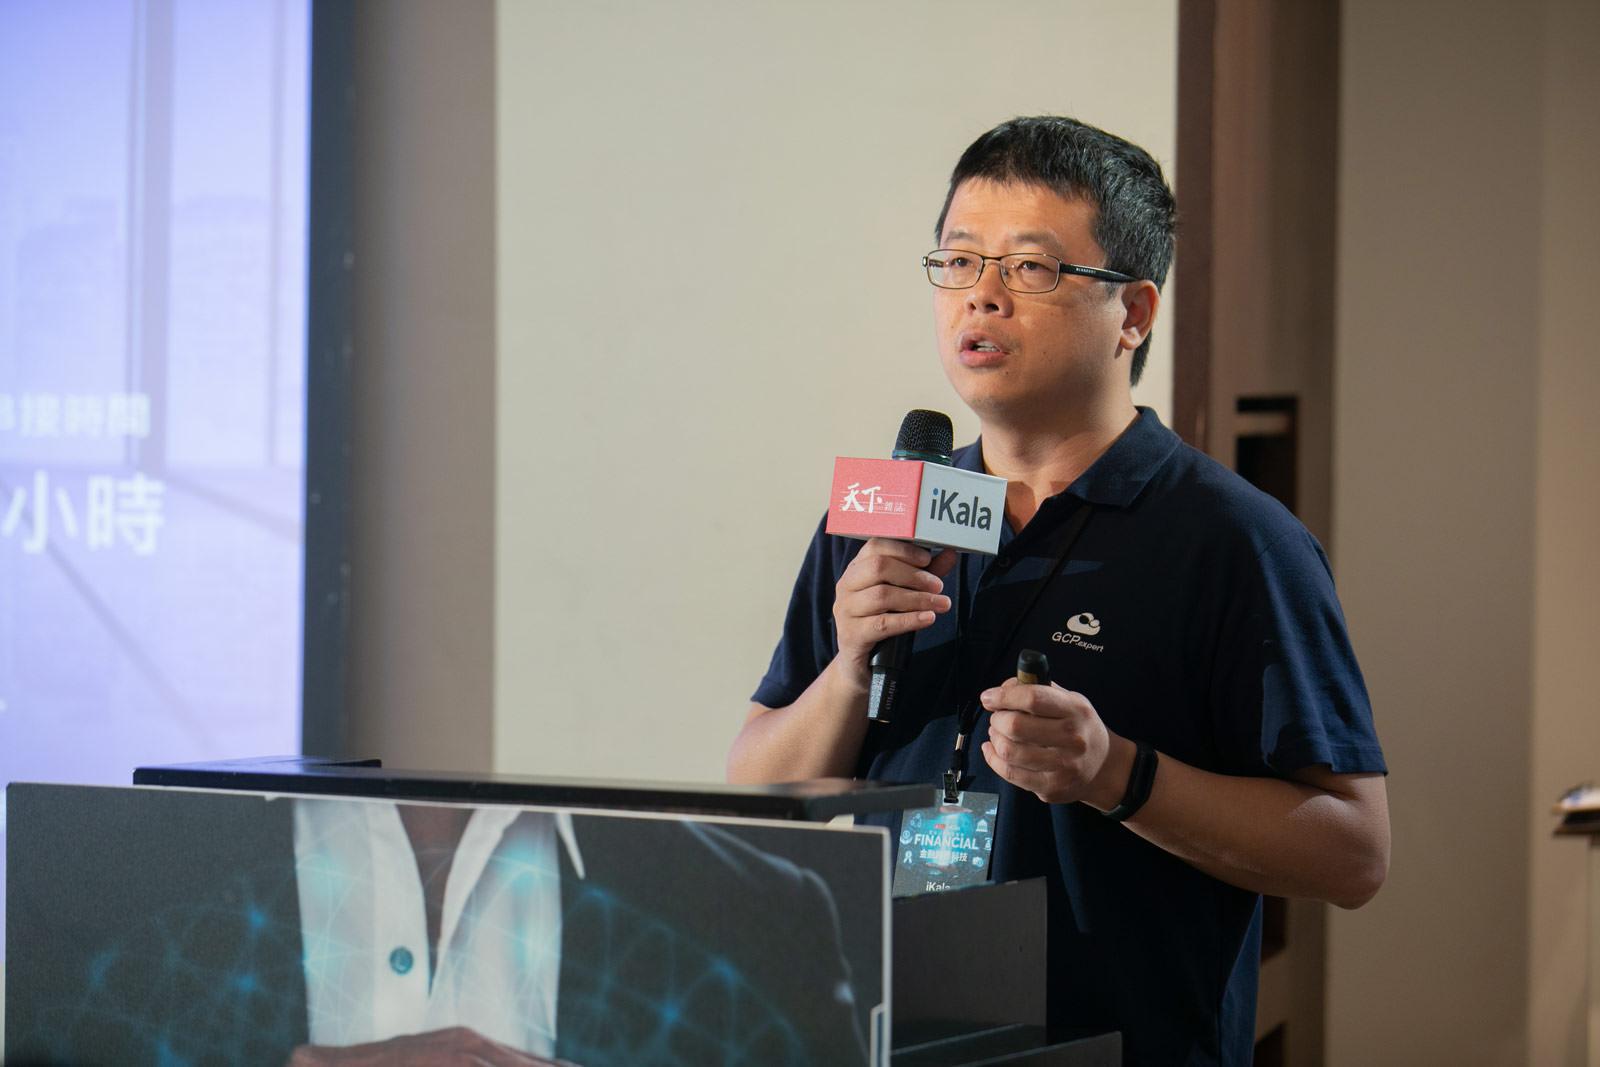 龔師賢認為「開放API就是金融走向生活的第一步!」